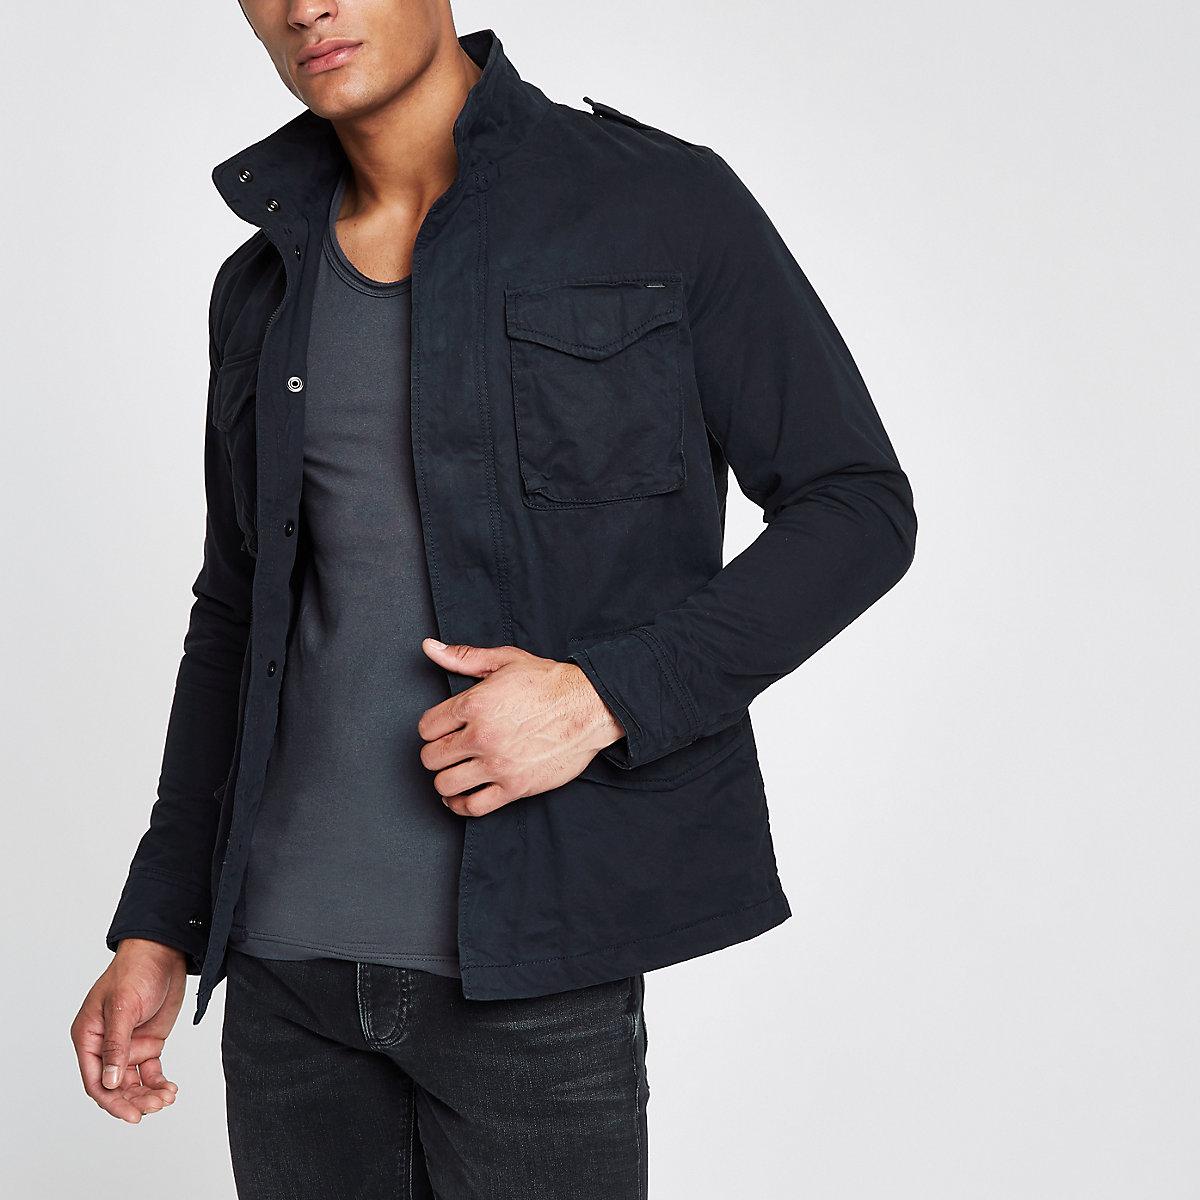 Jack & Jones Premium Oscar navy field jacket